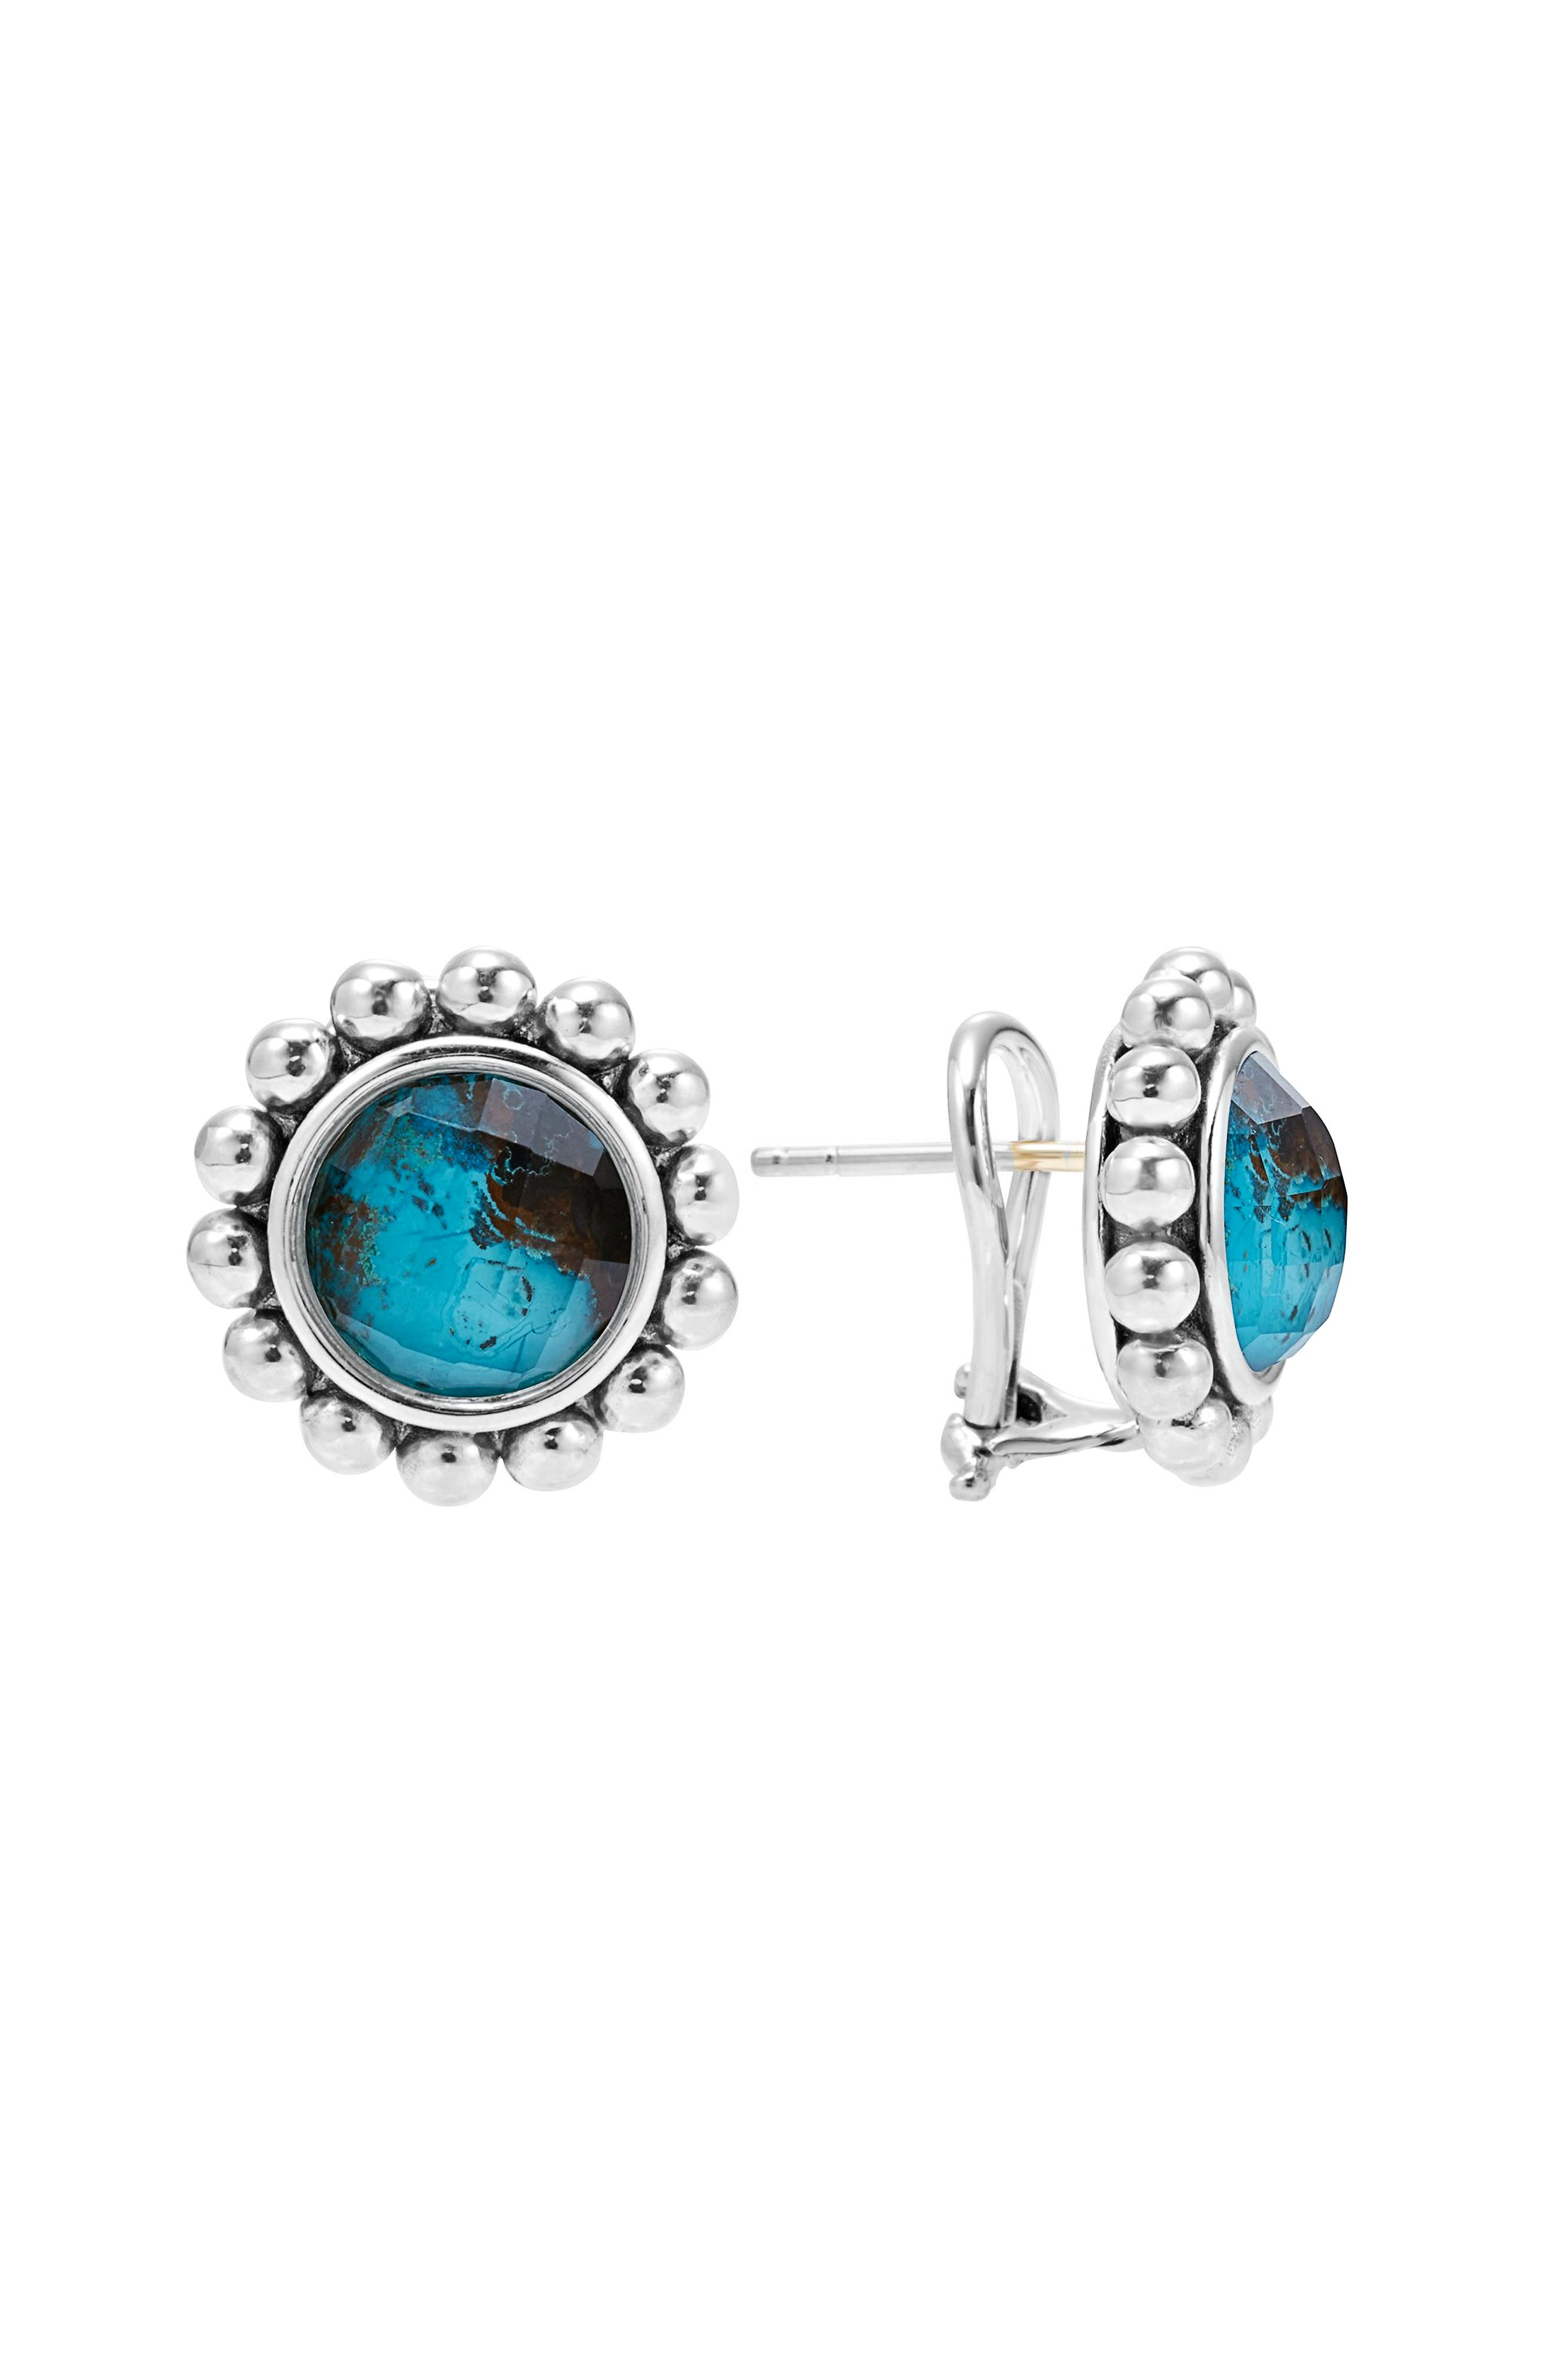 LAGOS Maya Semiprecious Stone Stud Earrings